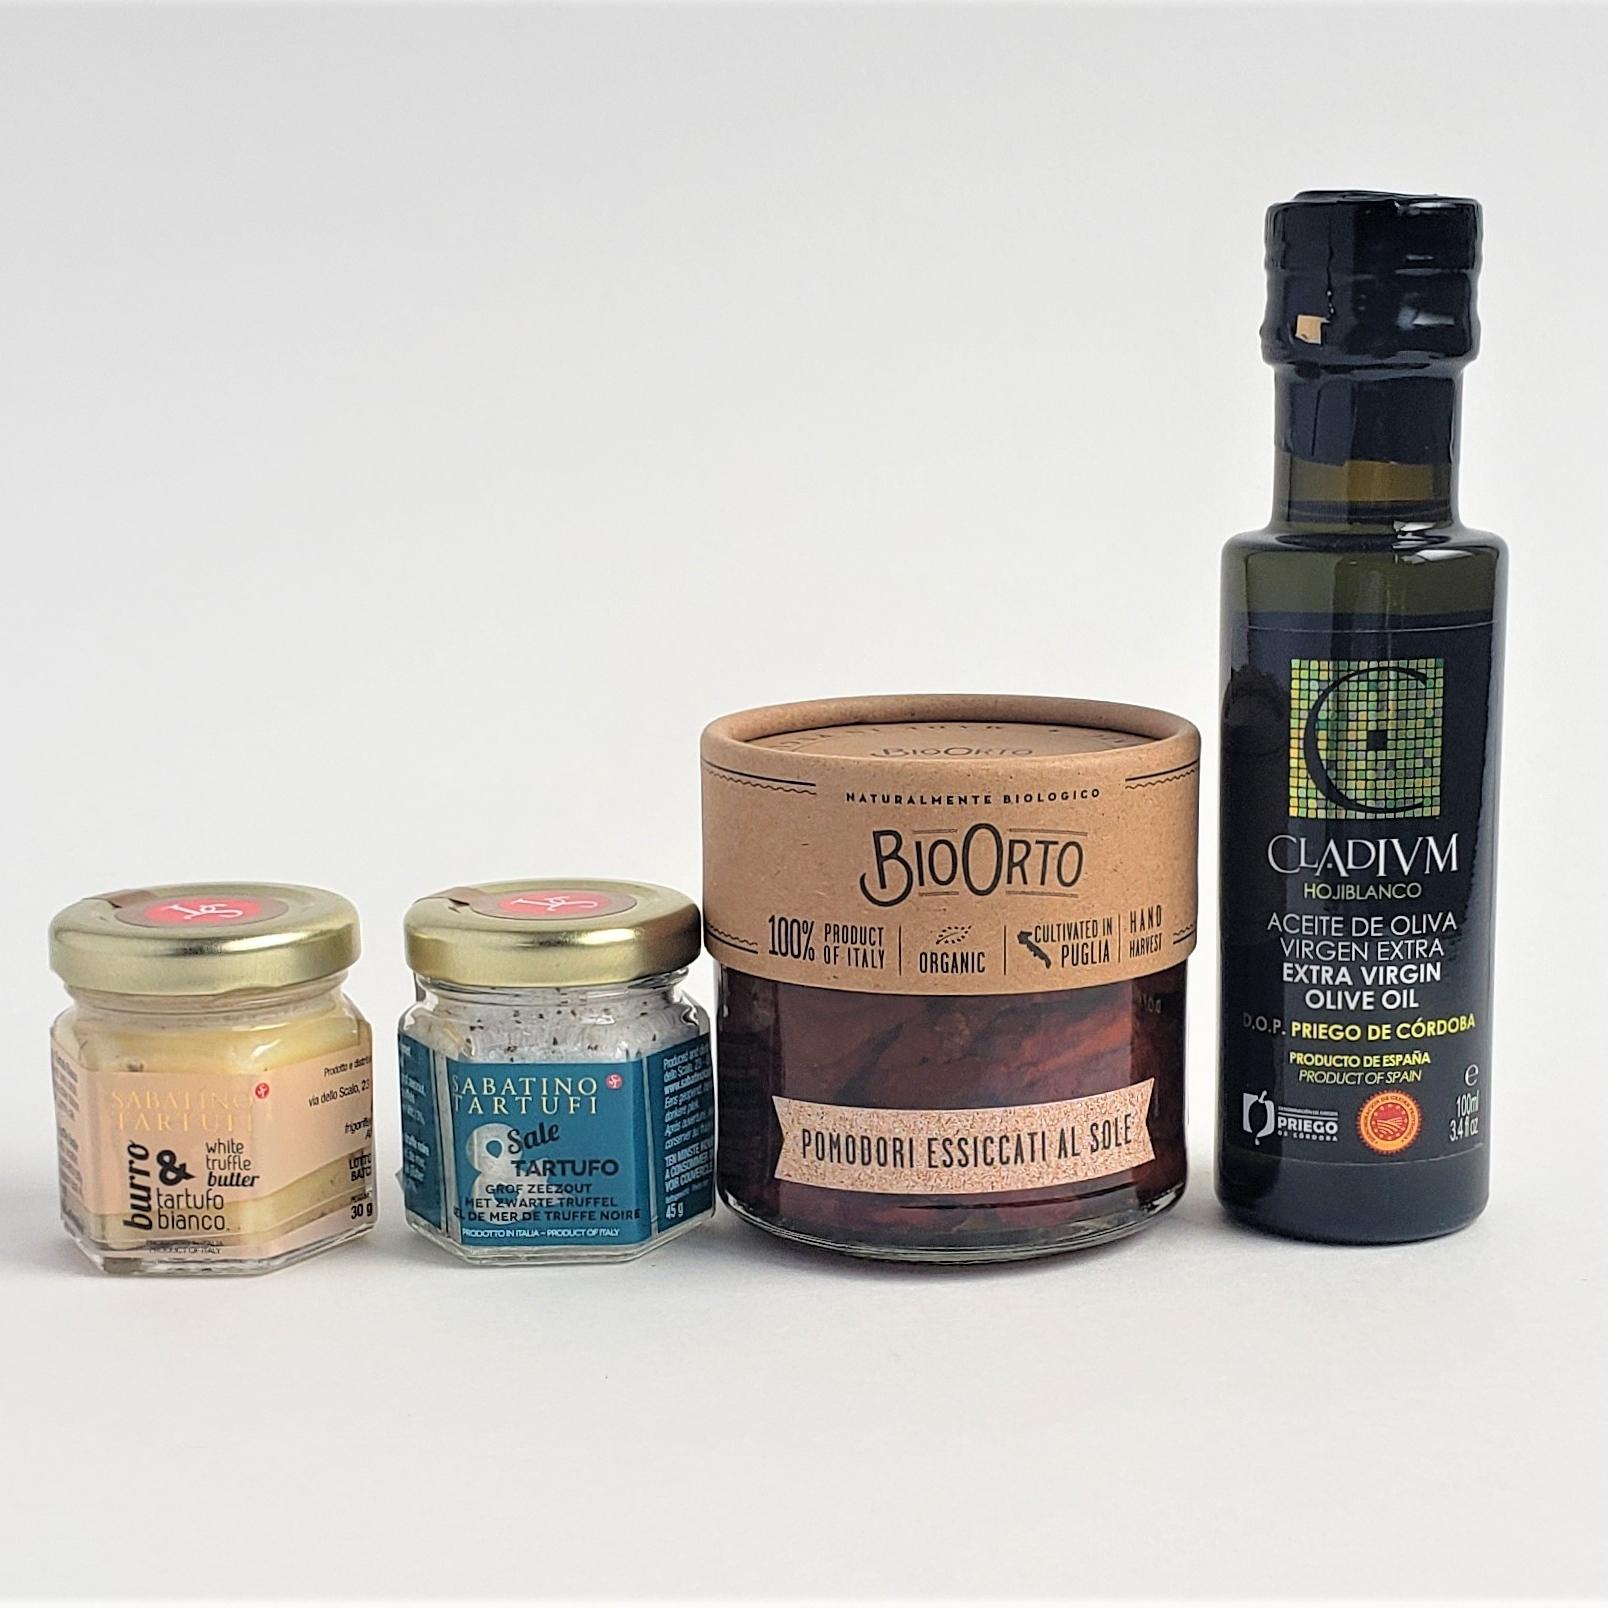 白トリュフバター・黒トリュフ塩・CLADIVM(クラディウン)オリーブオイル・BIOORTO(ビオオルト)ドライトマトのオリーブオイル漬け